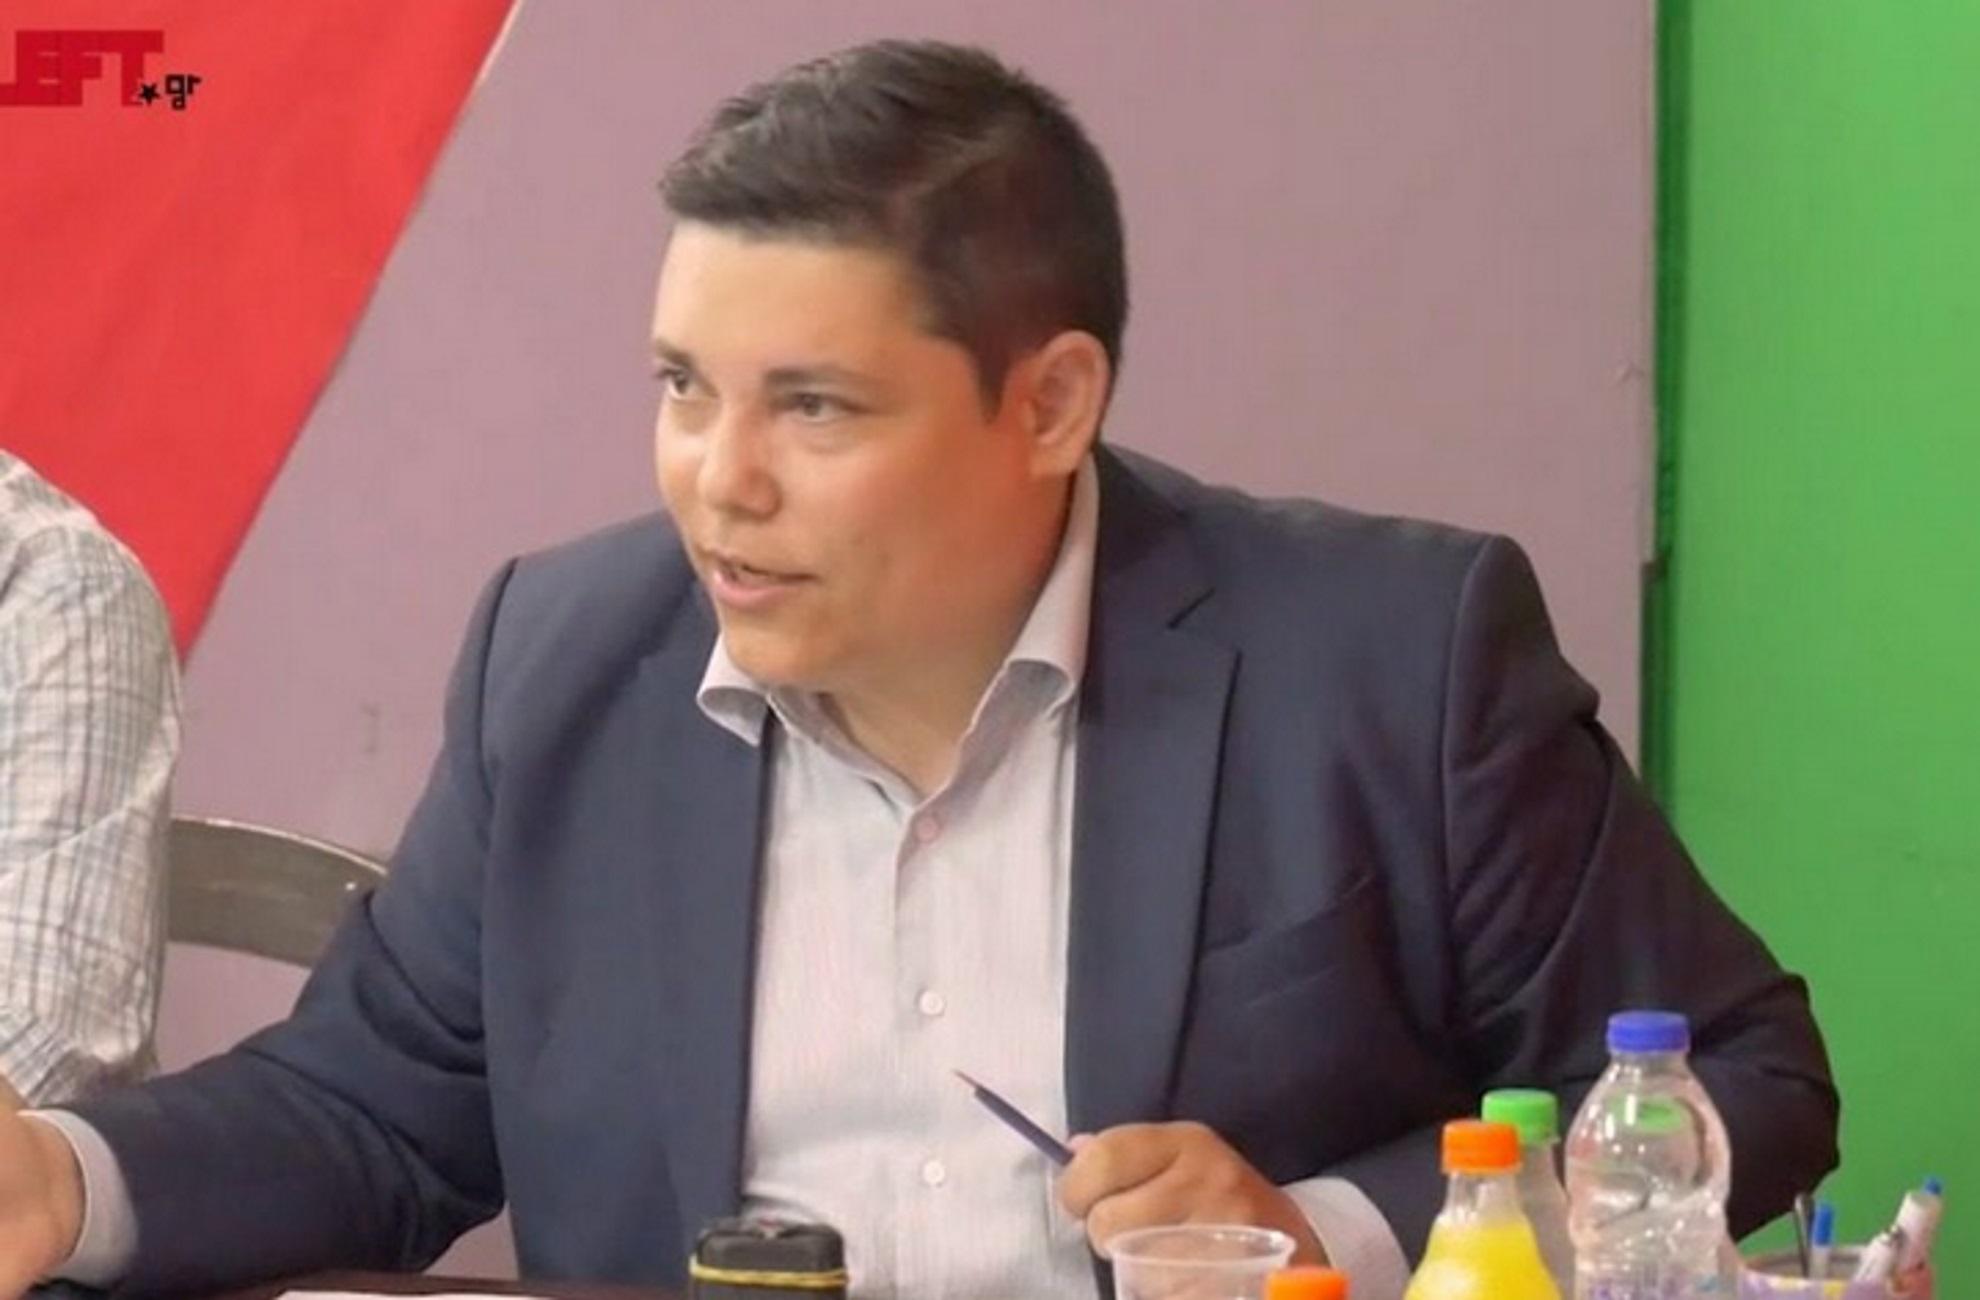 Λέσβος: Θετικός στον κορονοϊό ο  Γιάννης Μπουρνούς – Νόσησε και η σύζυγος του βουλευτή του ΣΥΡΙΖΑ